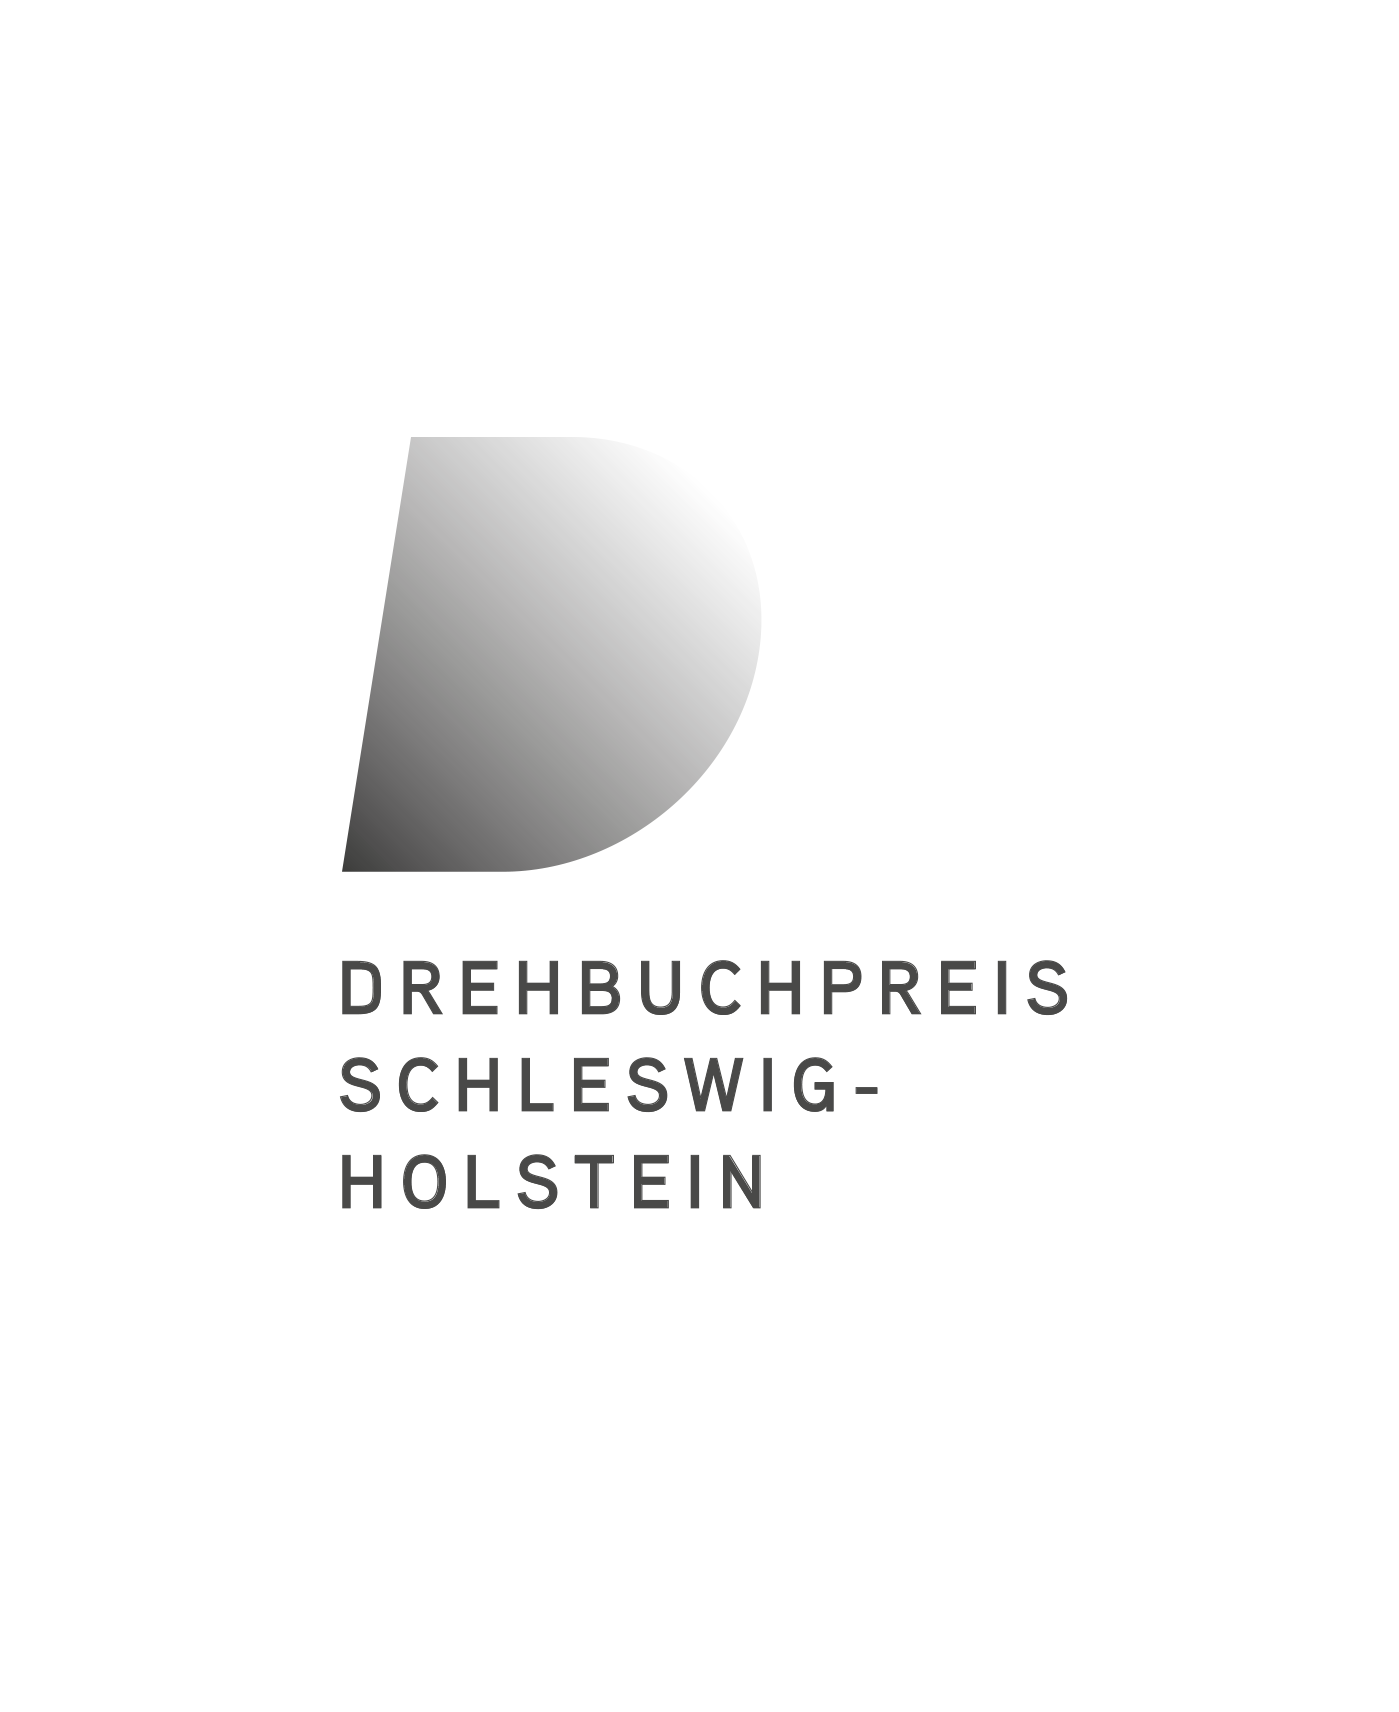 Logo Drehbuchpreis Schleswig-Holstein - Neutral